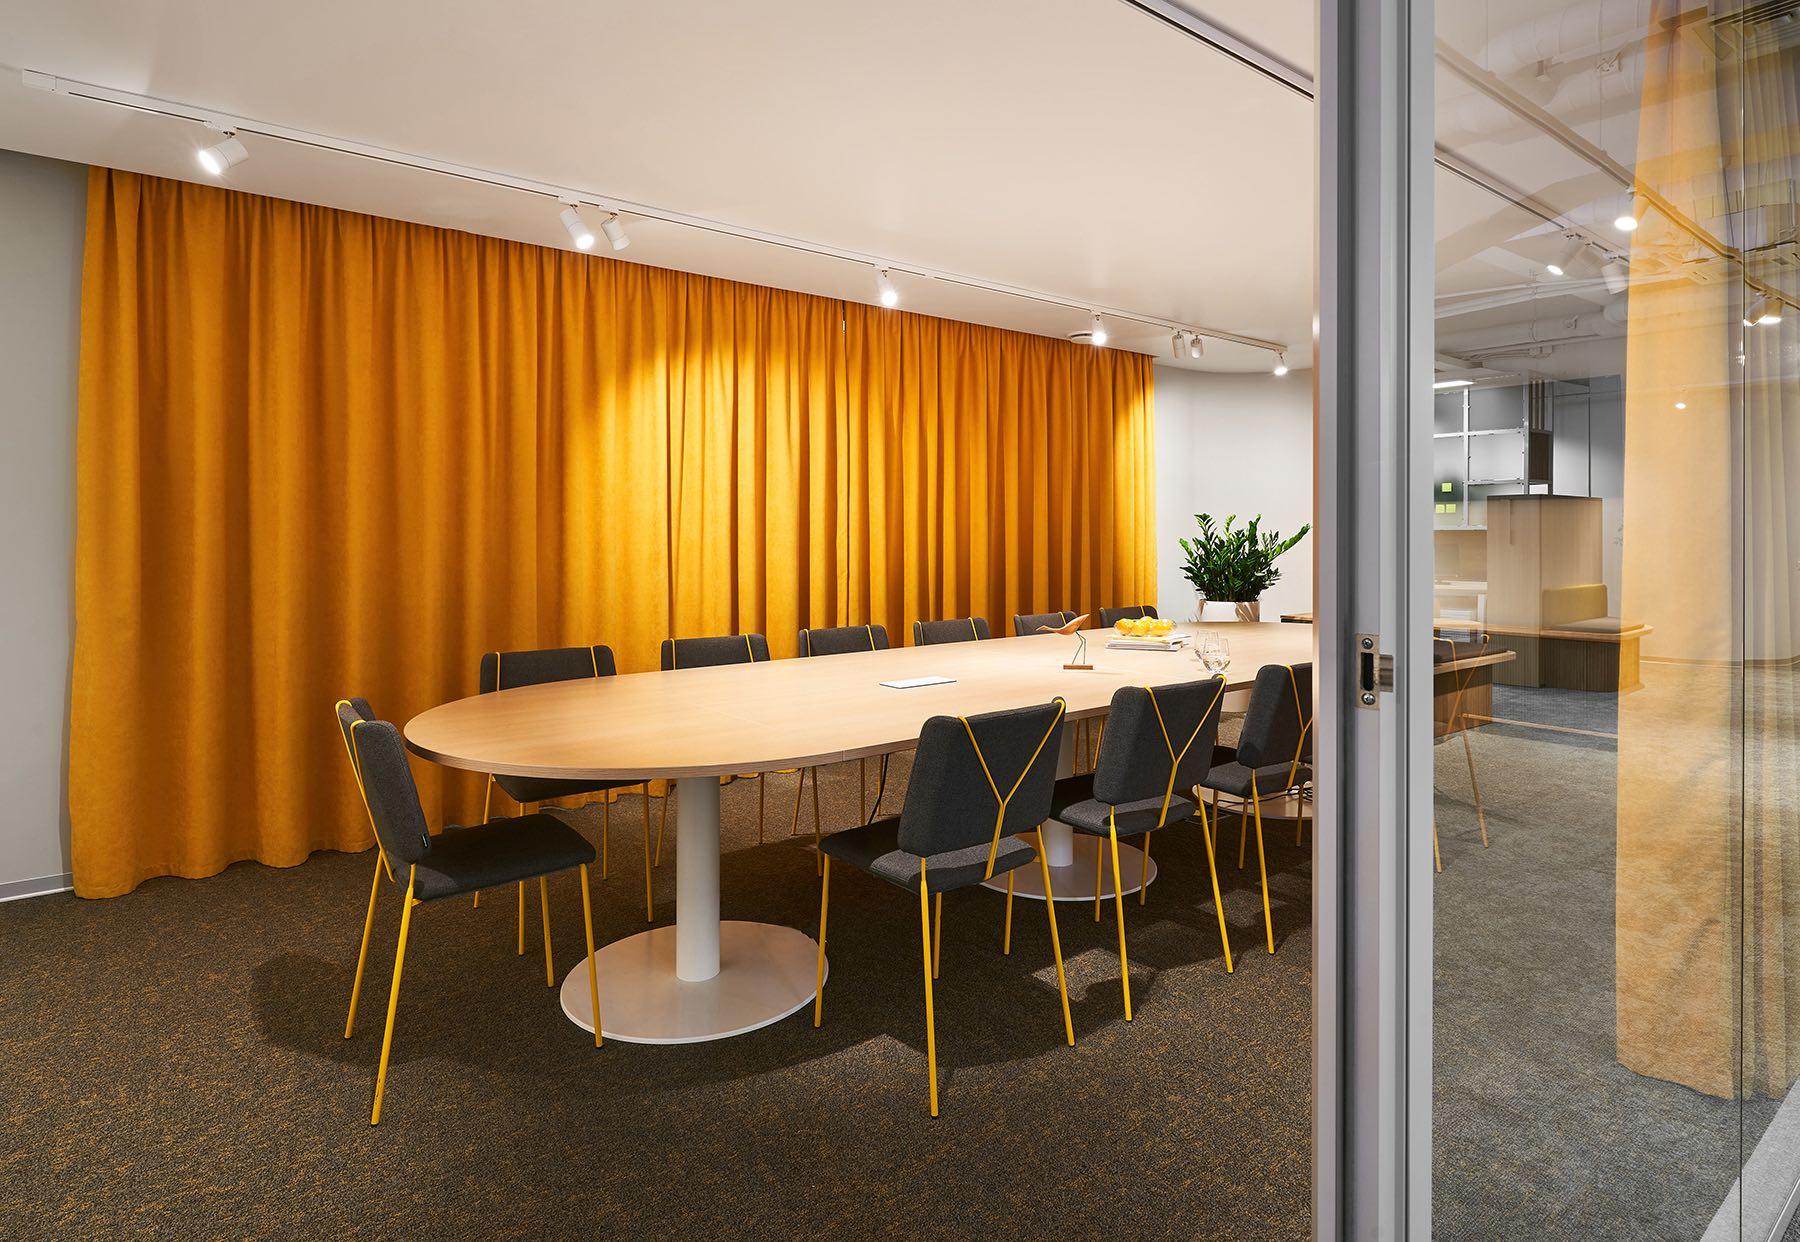 kassir-saint-pettesburgh-office-28